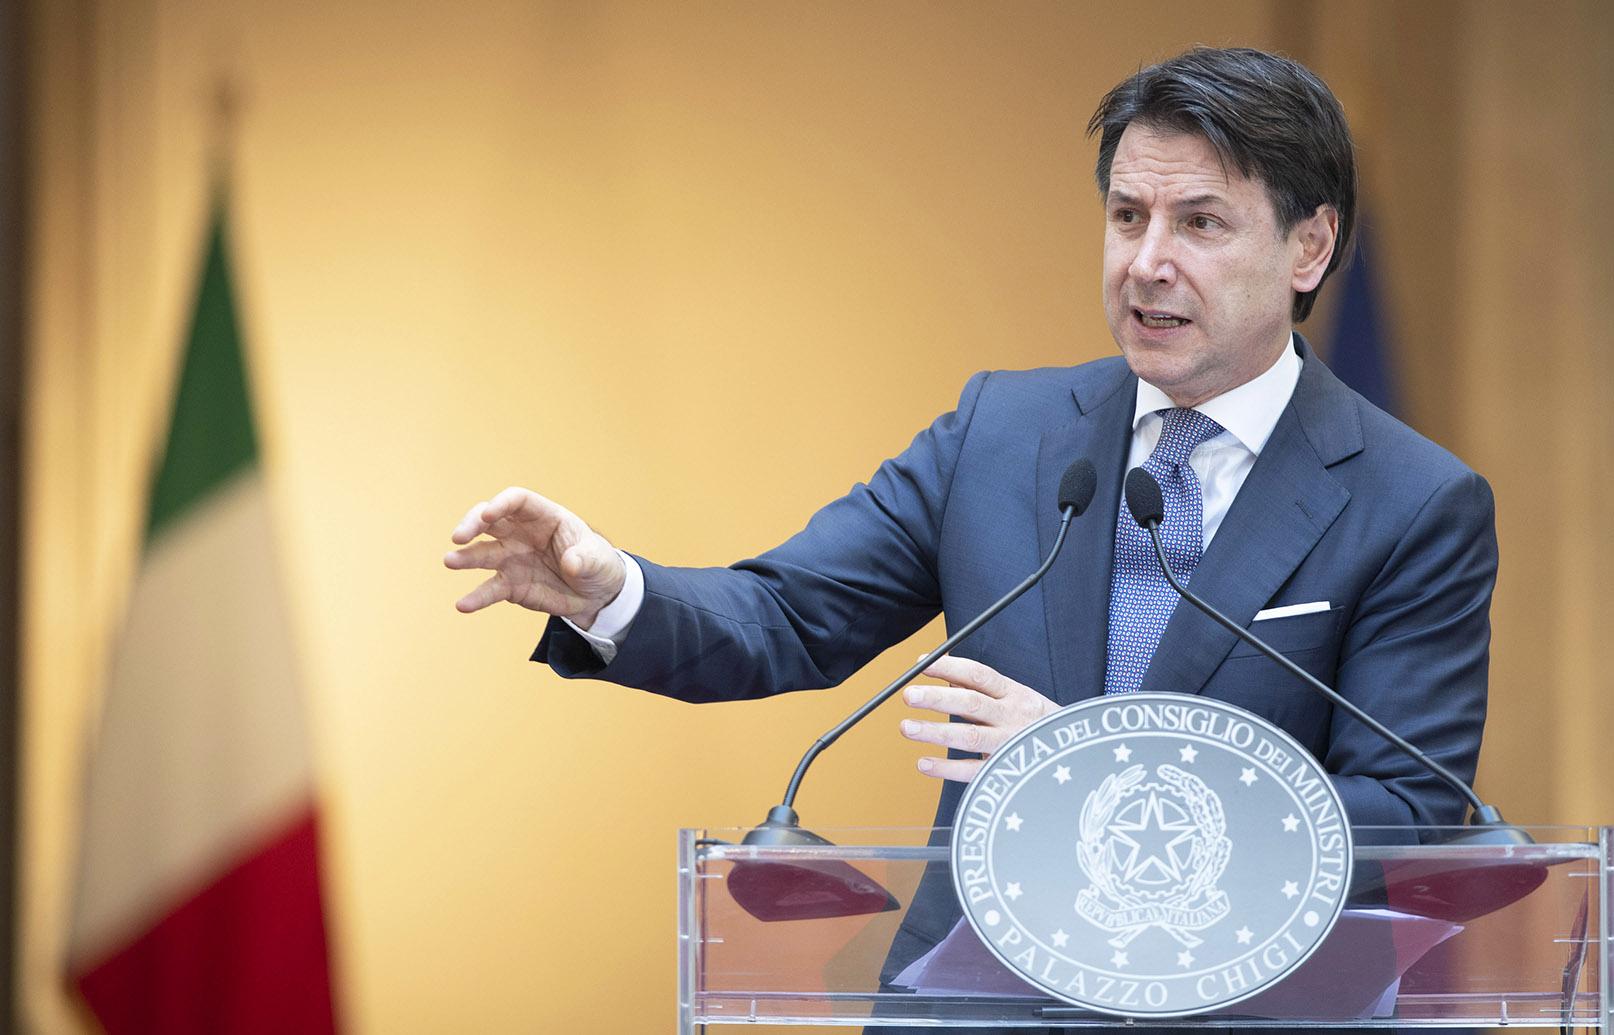 """Conte: """"ora concentriamoci sul Brand Italia e promuoviamo il nostro patrimonio artistico e naturale"""""""